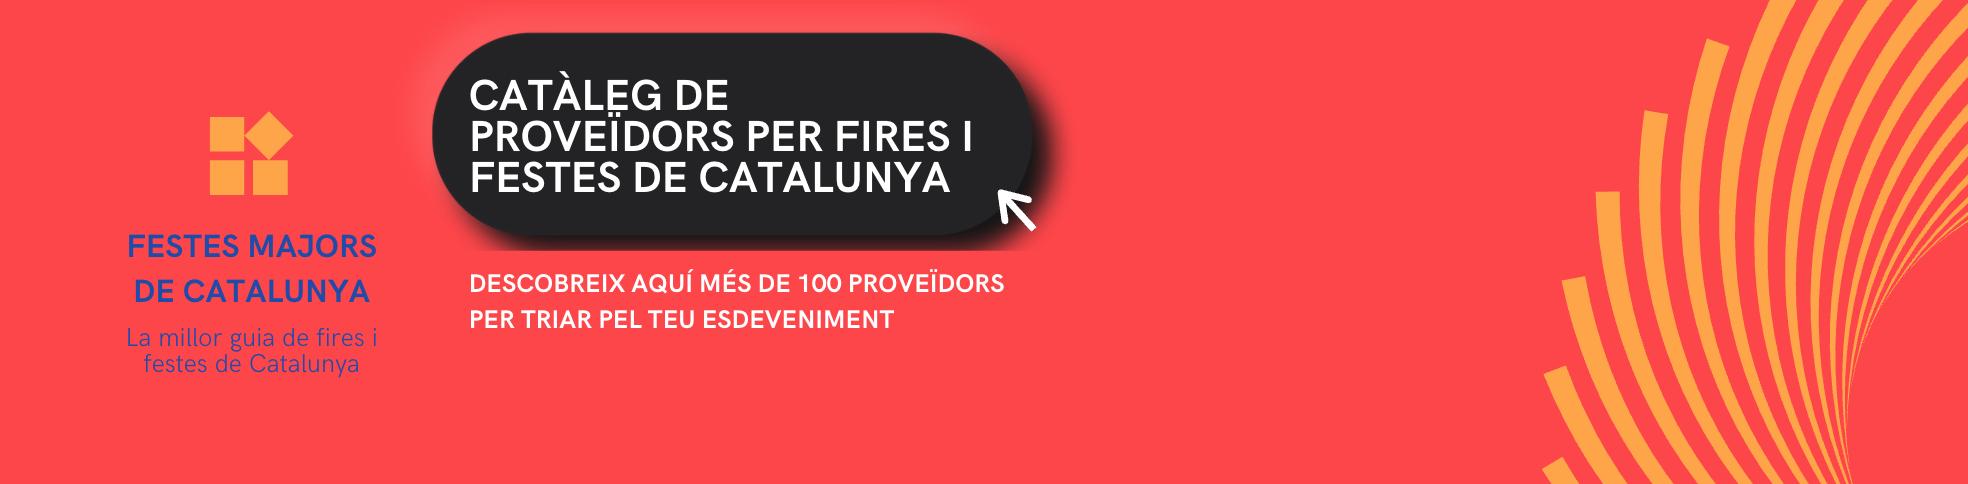 FESTES MAJORS - PROVEÏDORS PER FIRES I FESTES